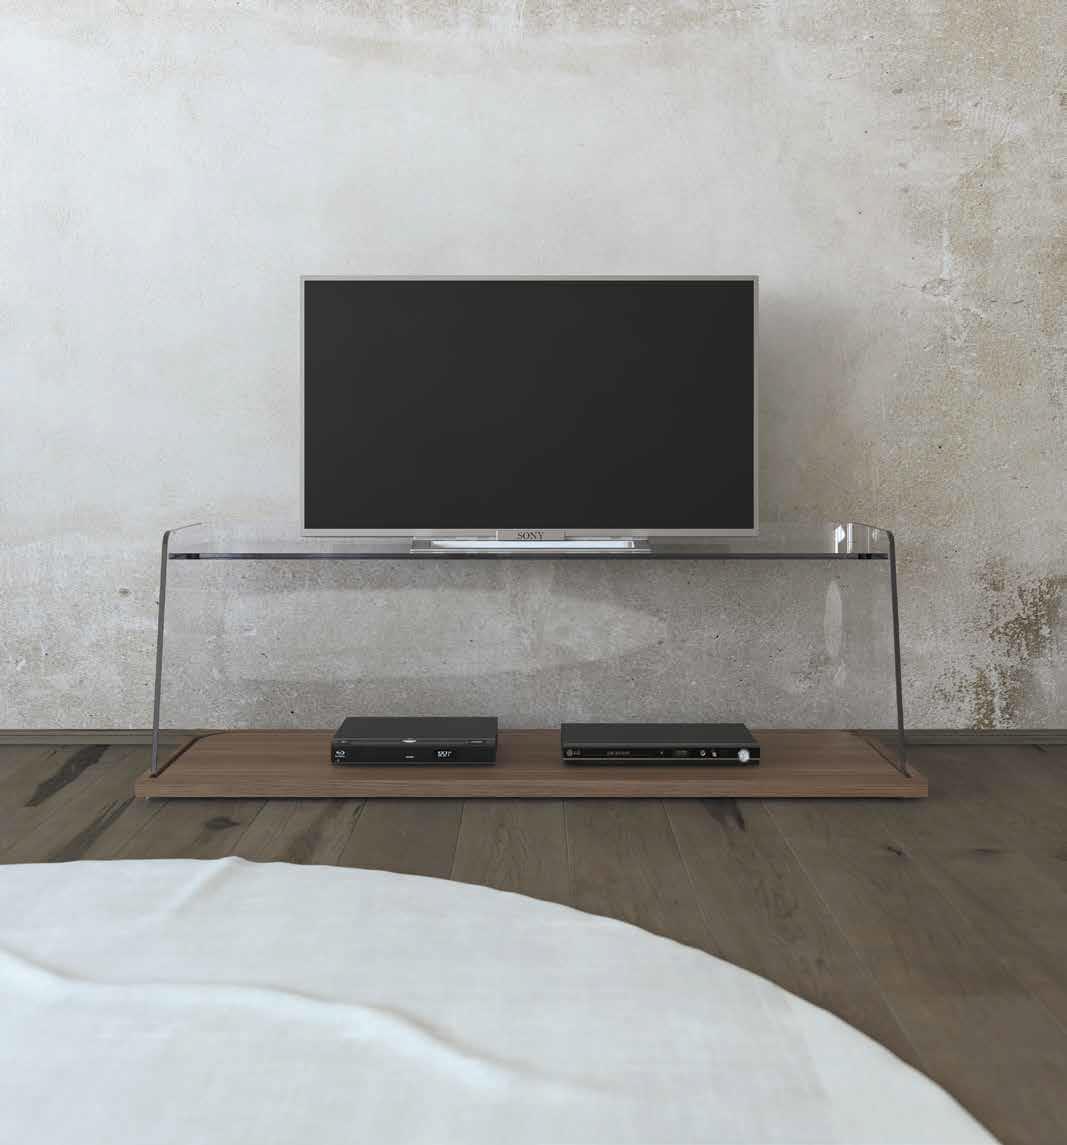 שידת טלוויזיה המשלבת מדף עץ תחתון- פרנקו פרי, הקומה העליונה